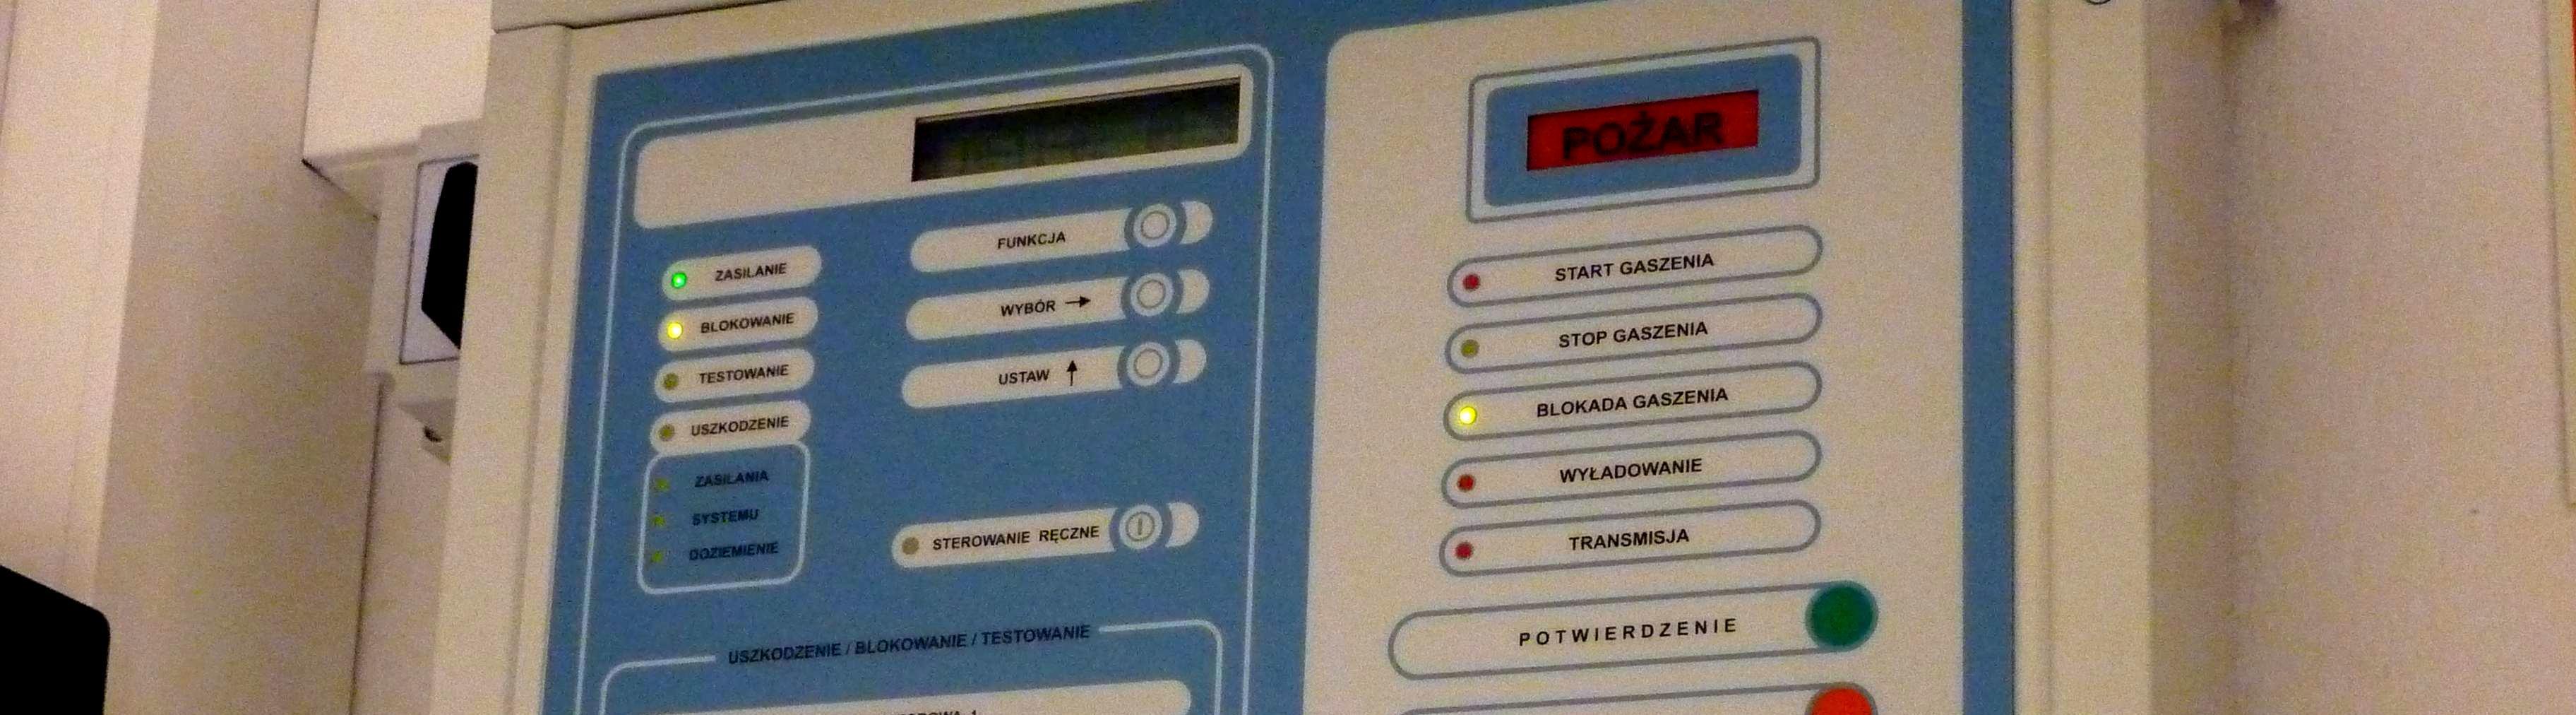 automatyczny i programowalny system przeciwpozarowy